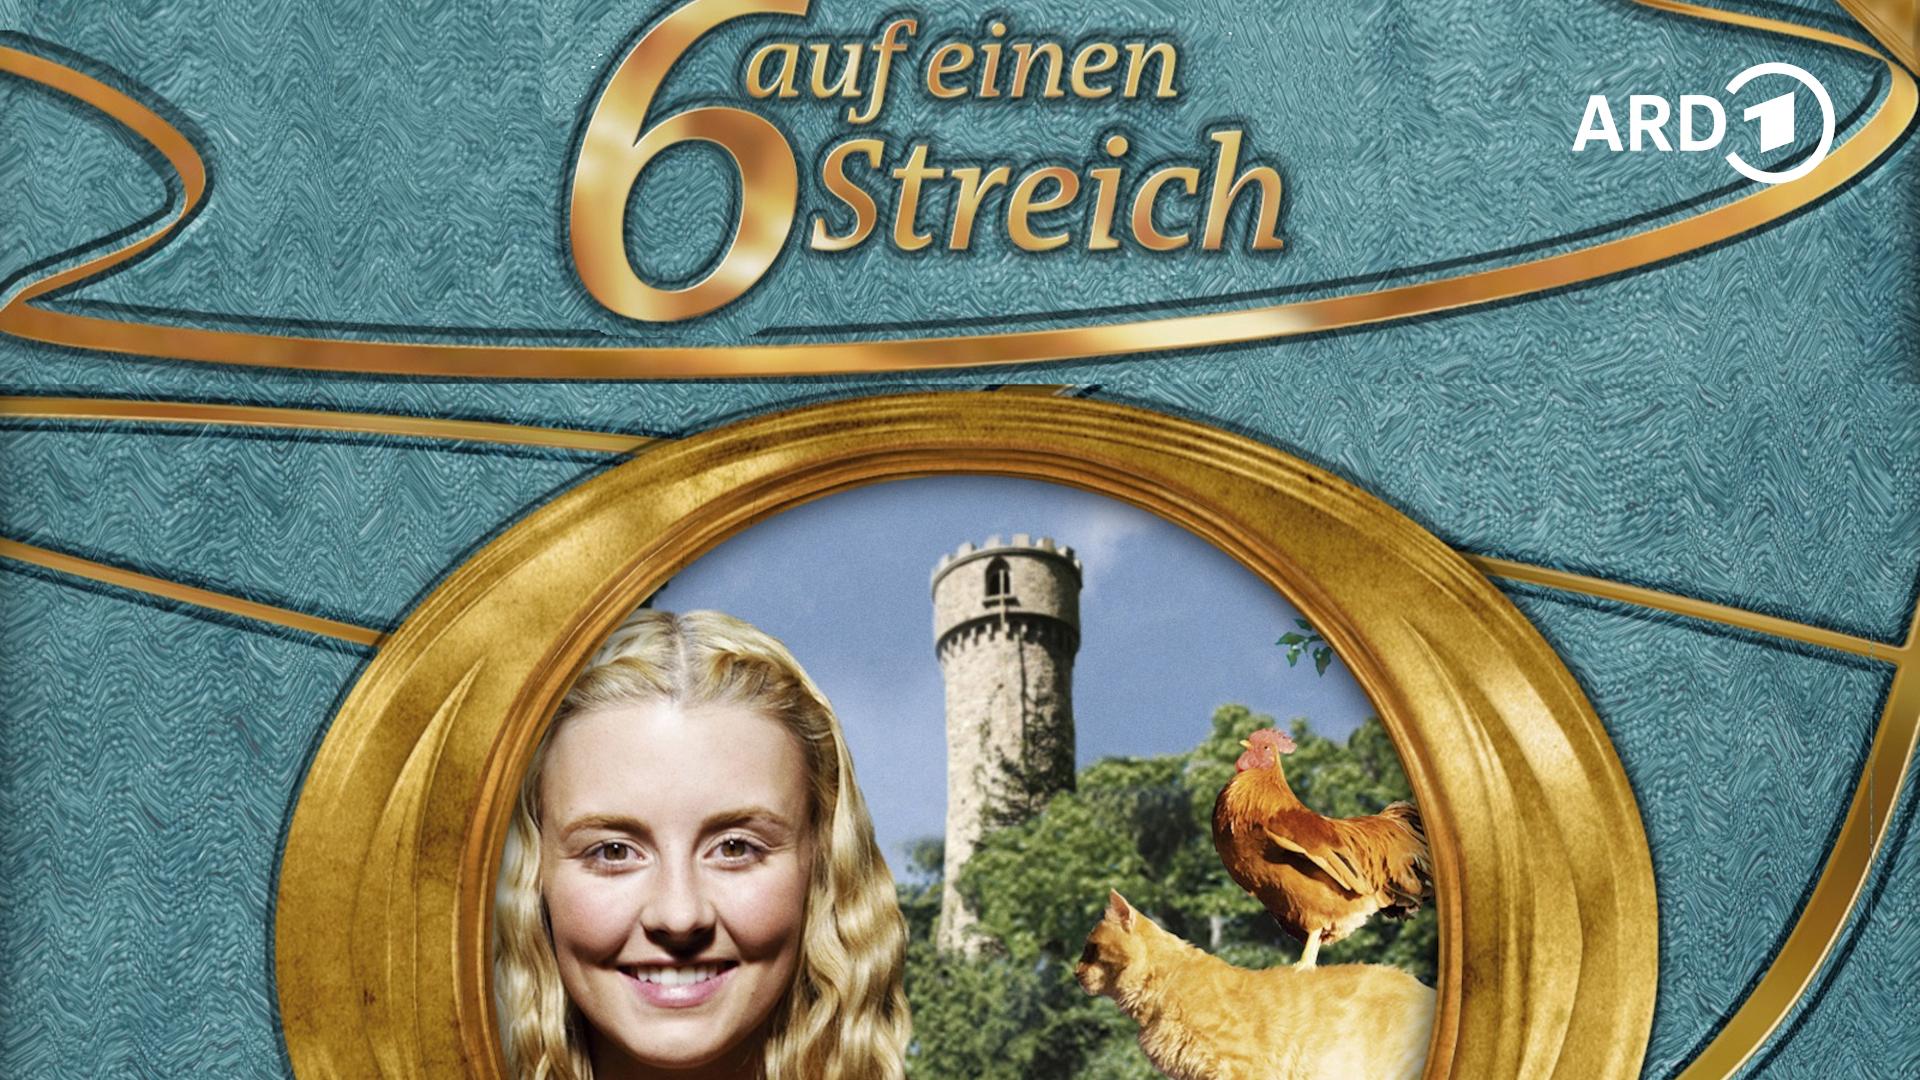 ARD Märchen: Sechs auf einen Streich - Staffel 1